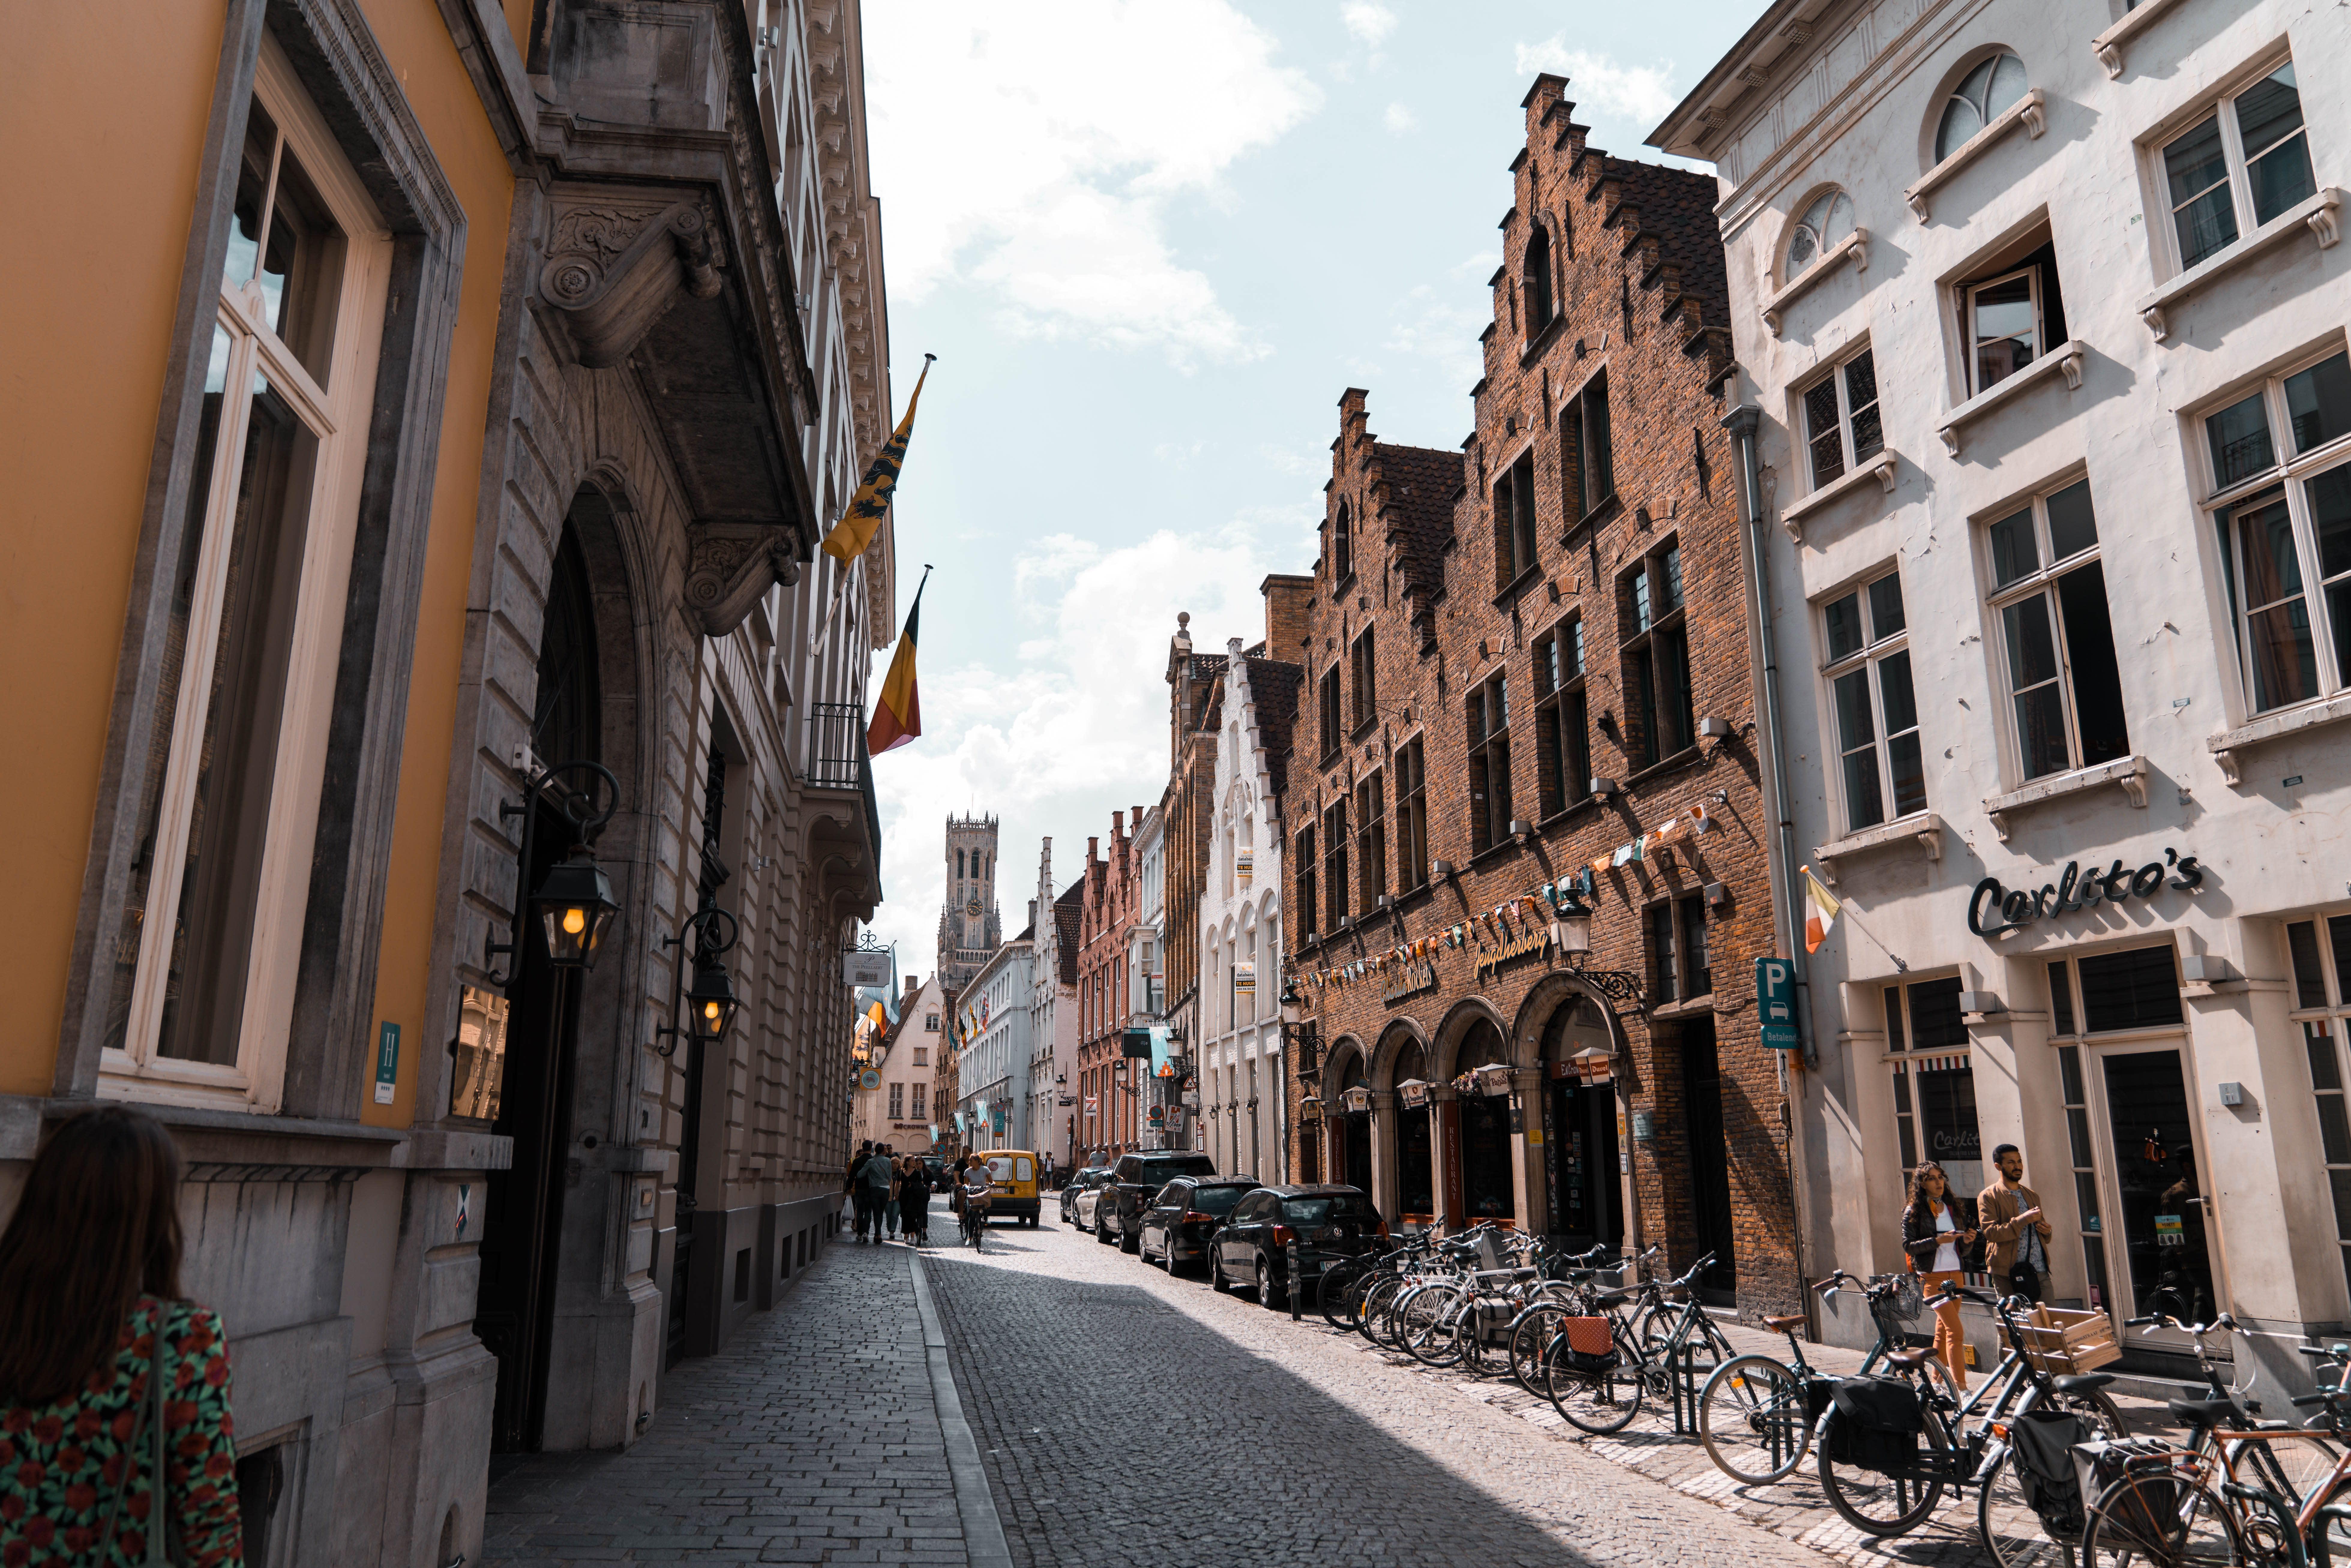 Bruges-Daniël-van-der-Kolk-on-Unsplash